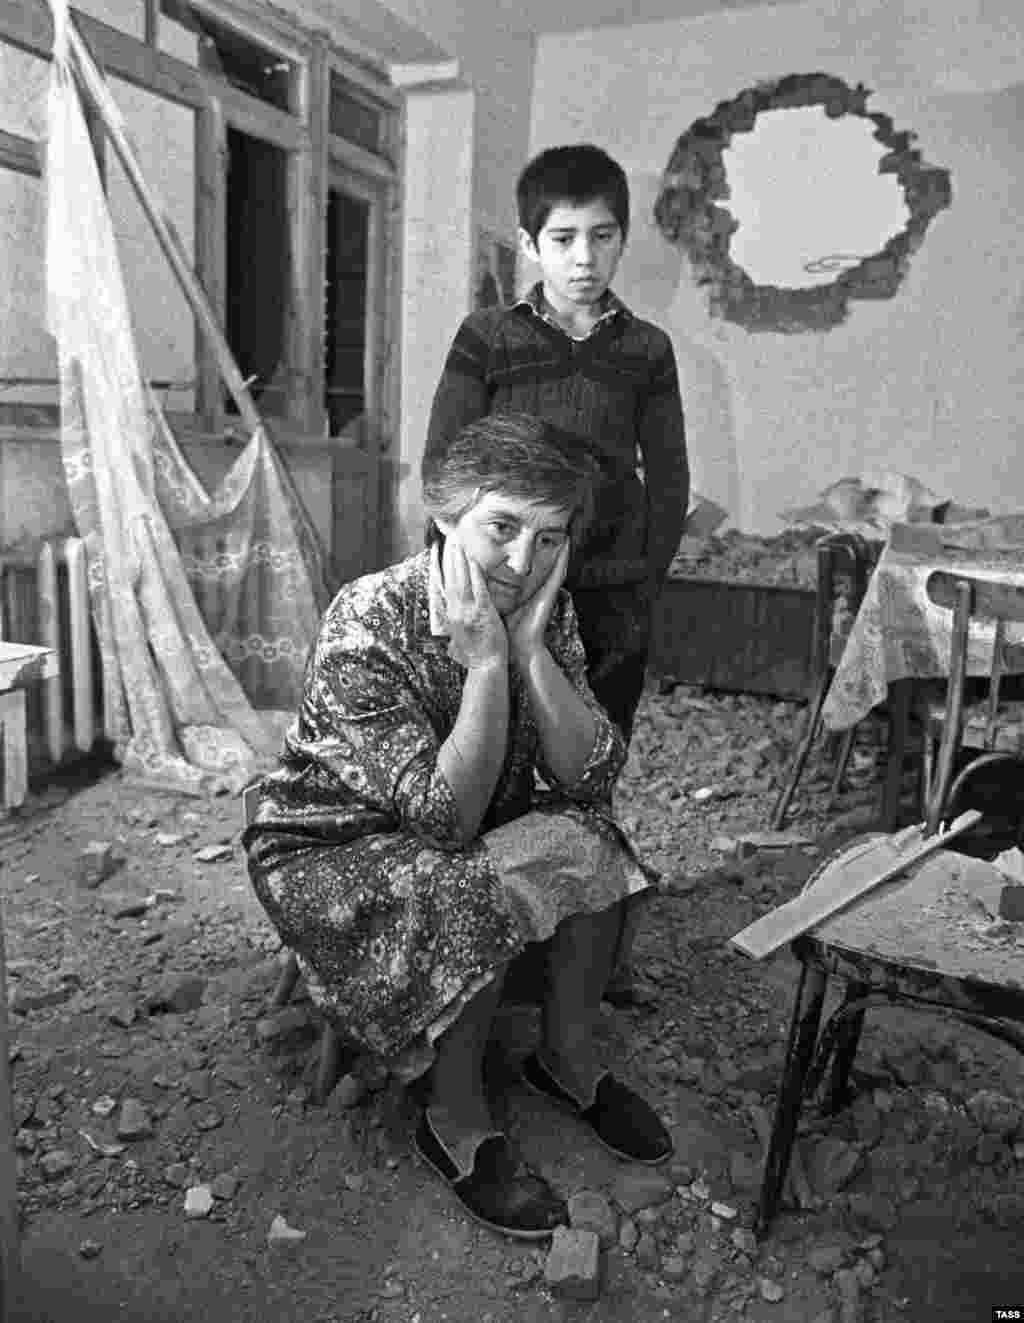 Женщина сидит в своей квартире, которая сильно пострадала во время боев между этническими грузинами и осетинами в 1991 году. Эту войну назвали «самым нелепым» из конфликтов в Грузии, которые вспхынули на фоне распада Советского Союза, но ее последствия, как и раньше, считаются очень серьезными для Кавказа